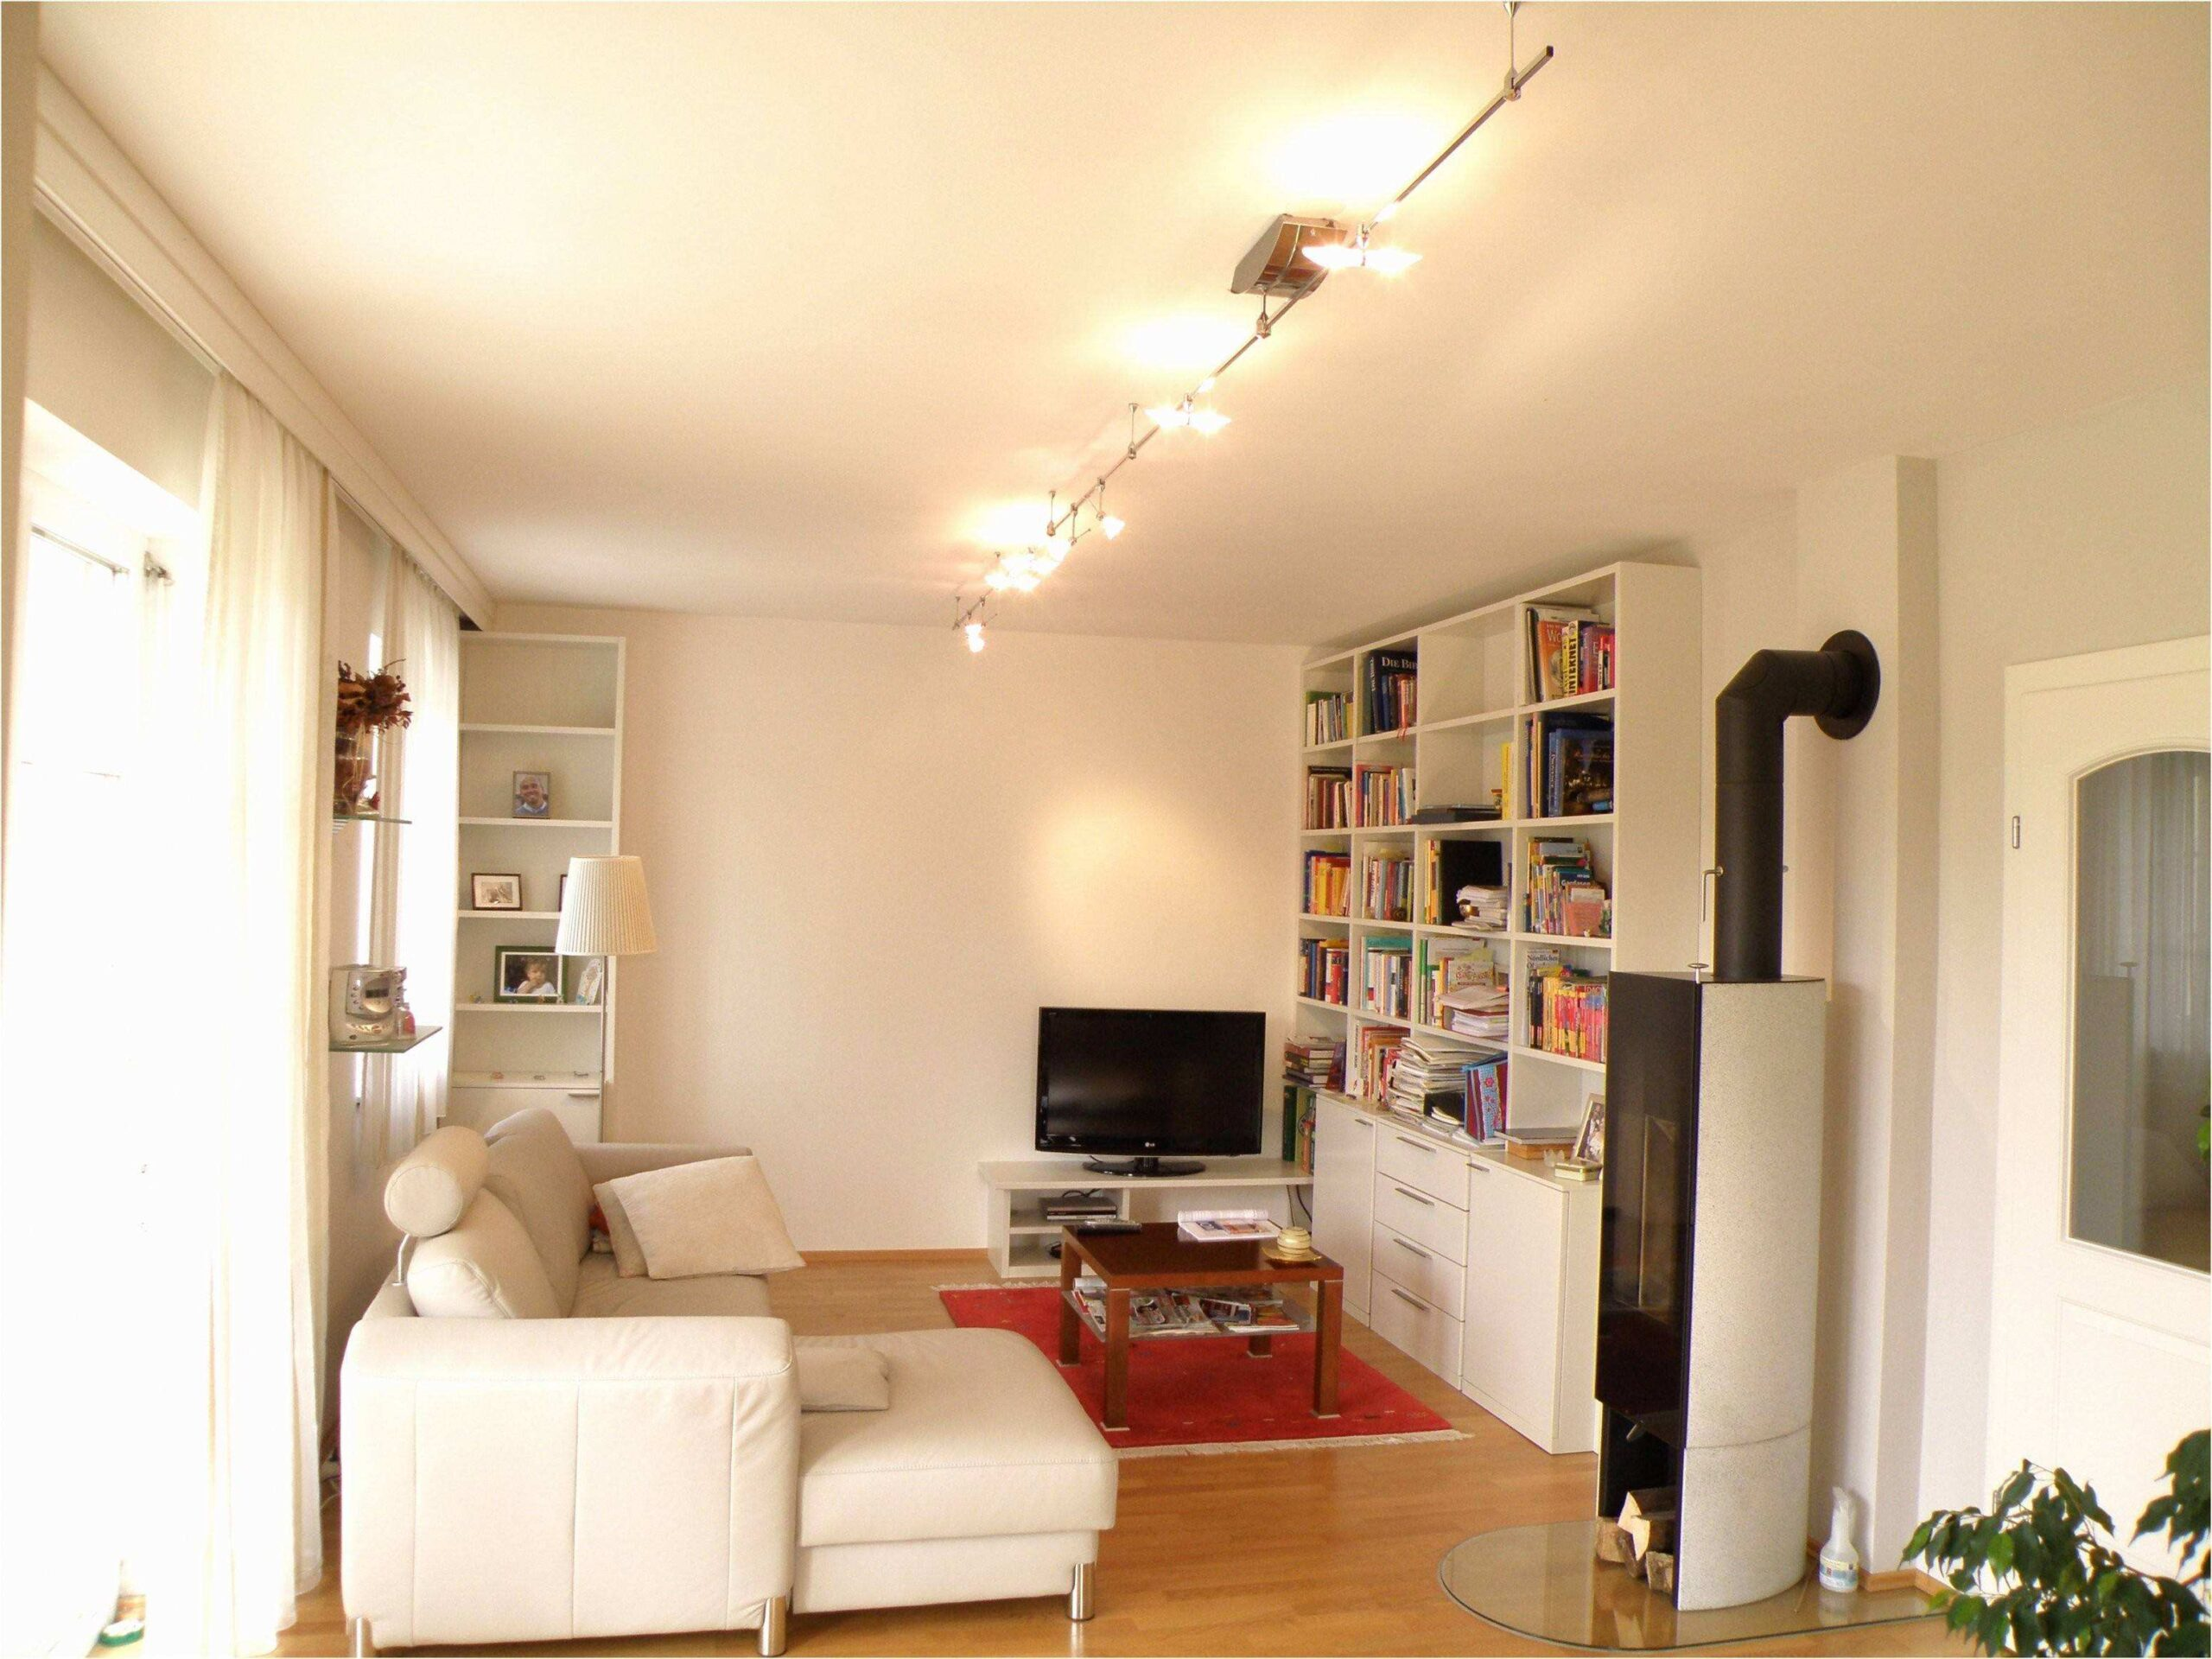 Full Size of Sofa Mit Led Wohnzimmer Bilder Xxl Lampen Schlafzimmer Bad Stehlampe Anbauwand Deckenleuchte Deckenlampen Modern Für Wohnzimmer Wohnzimmer Led Lampe